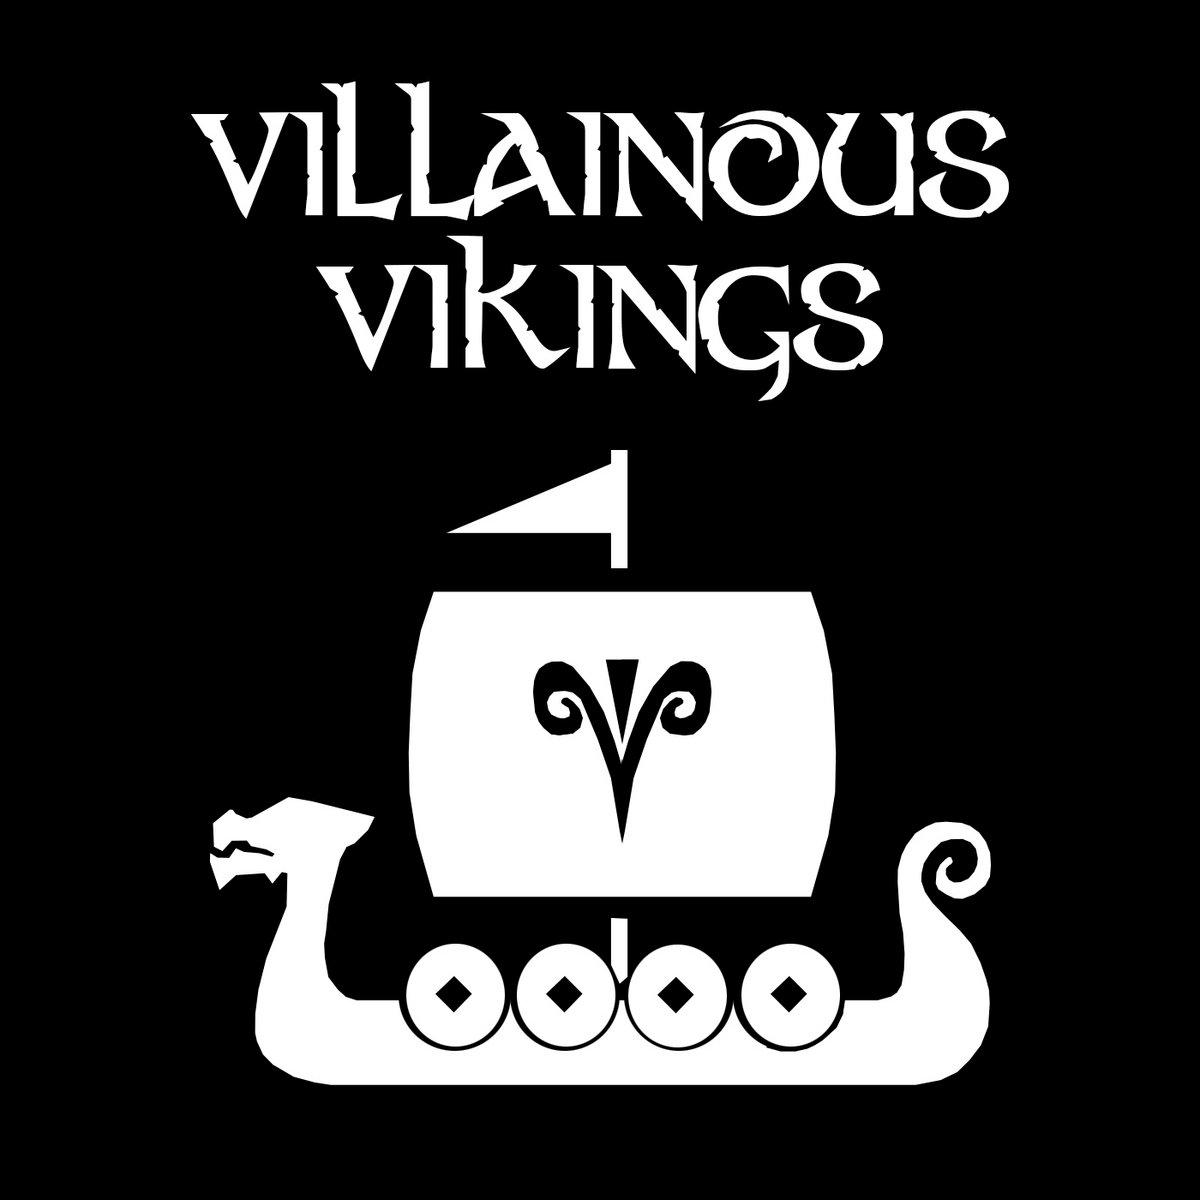 Villainous Vikings Theme | Viking Guitar